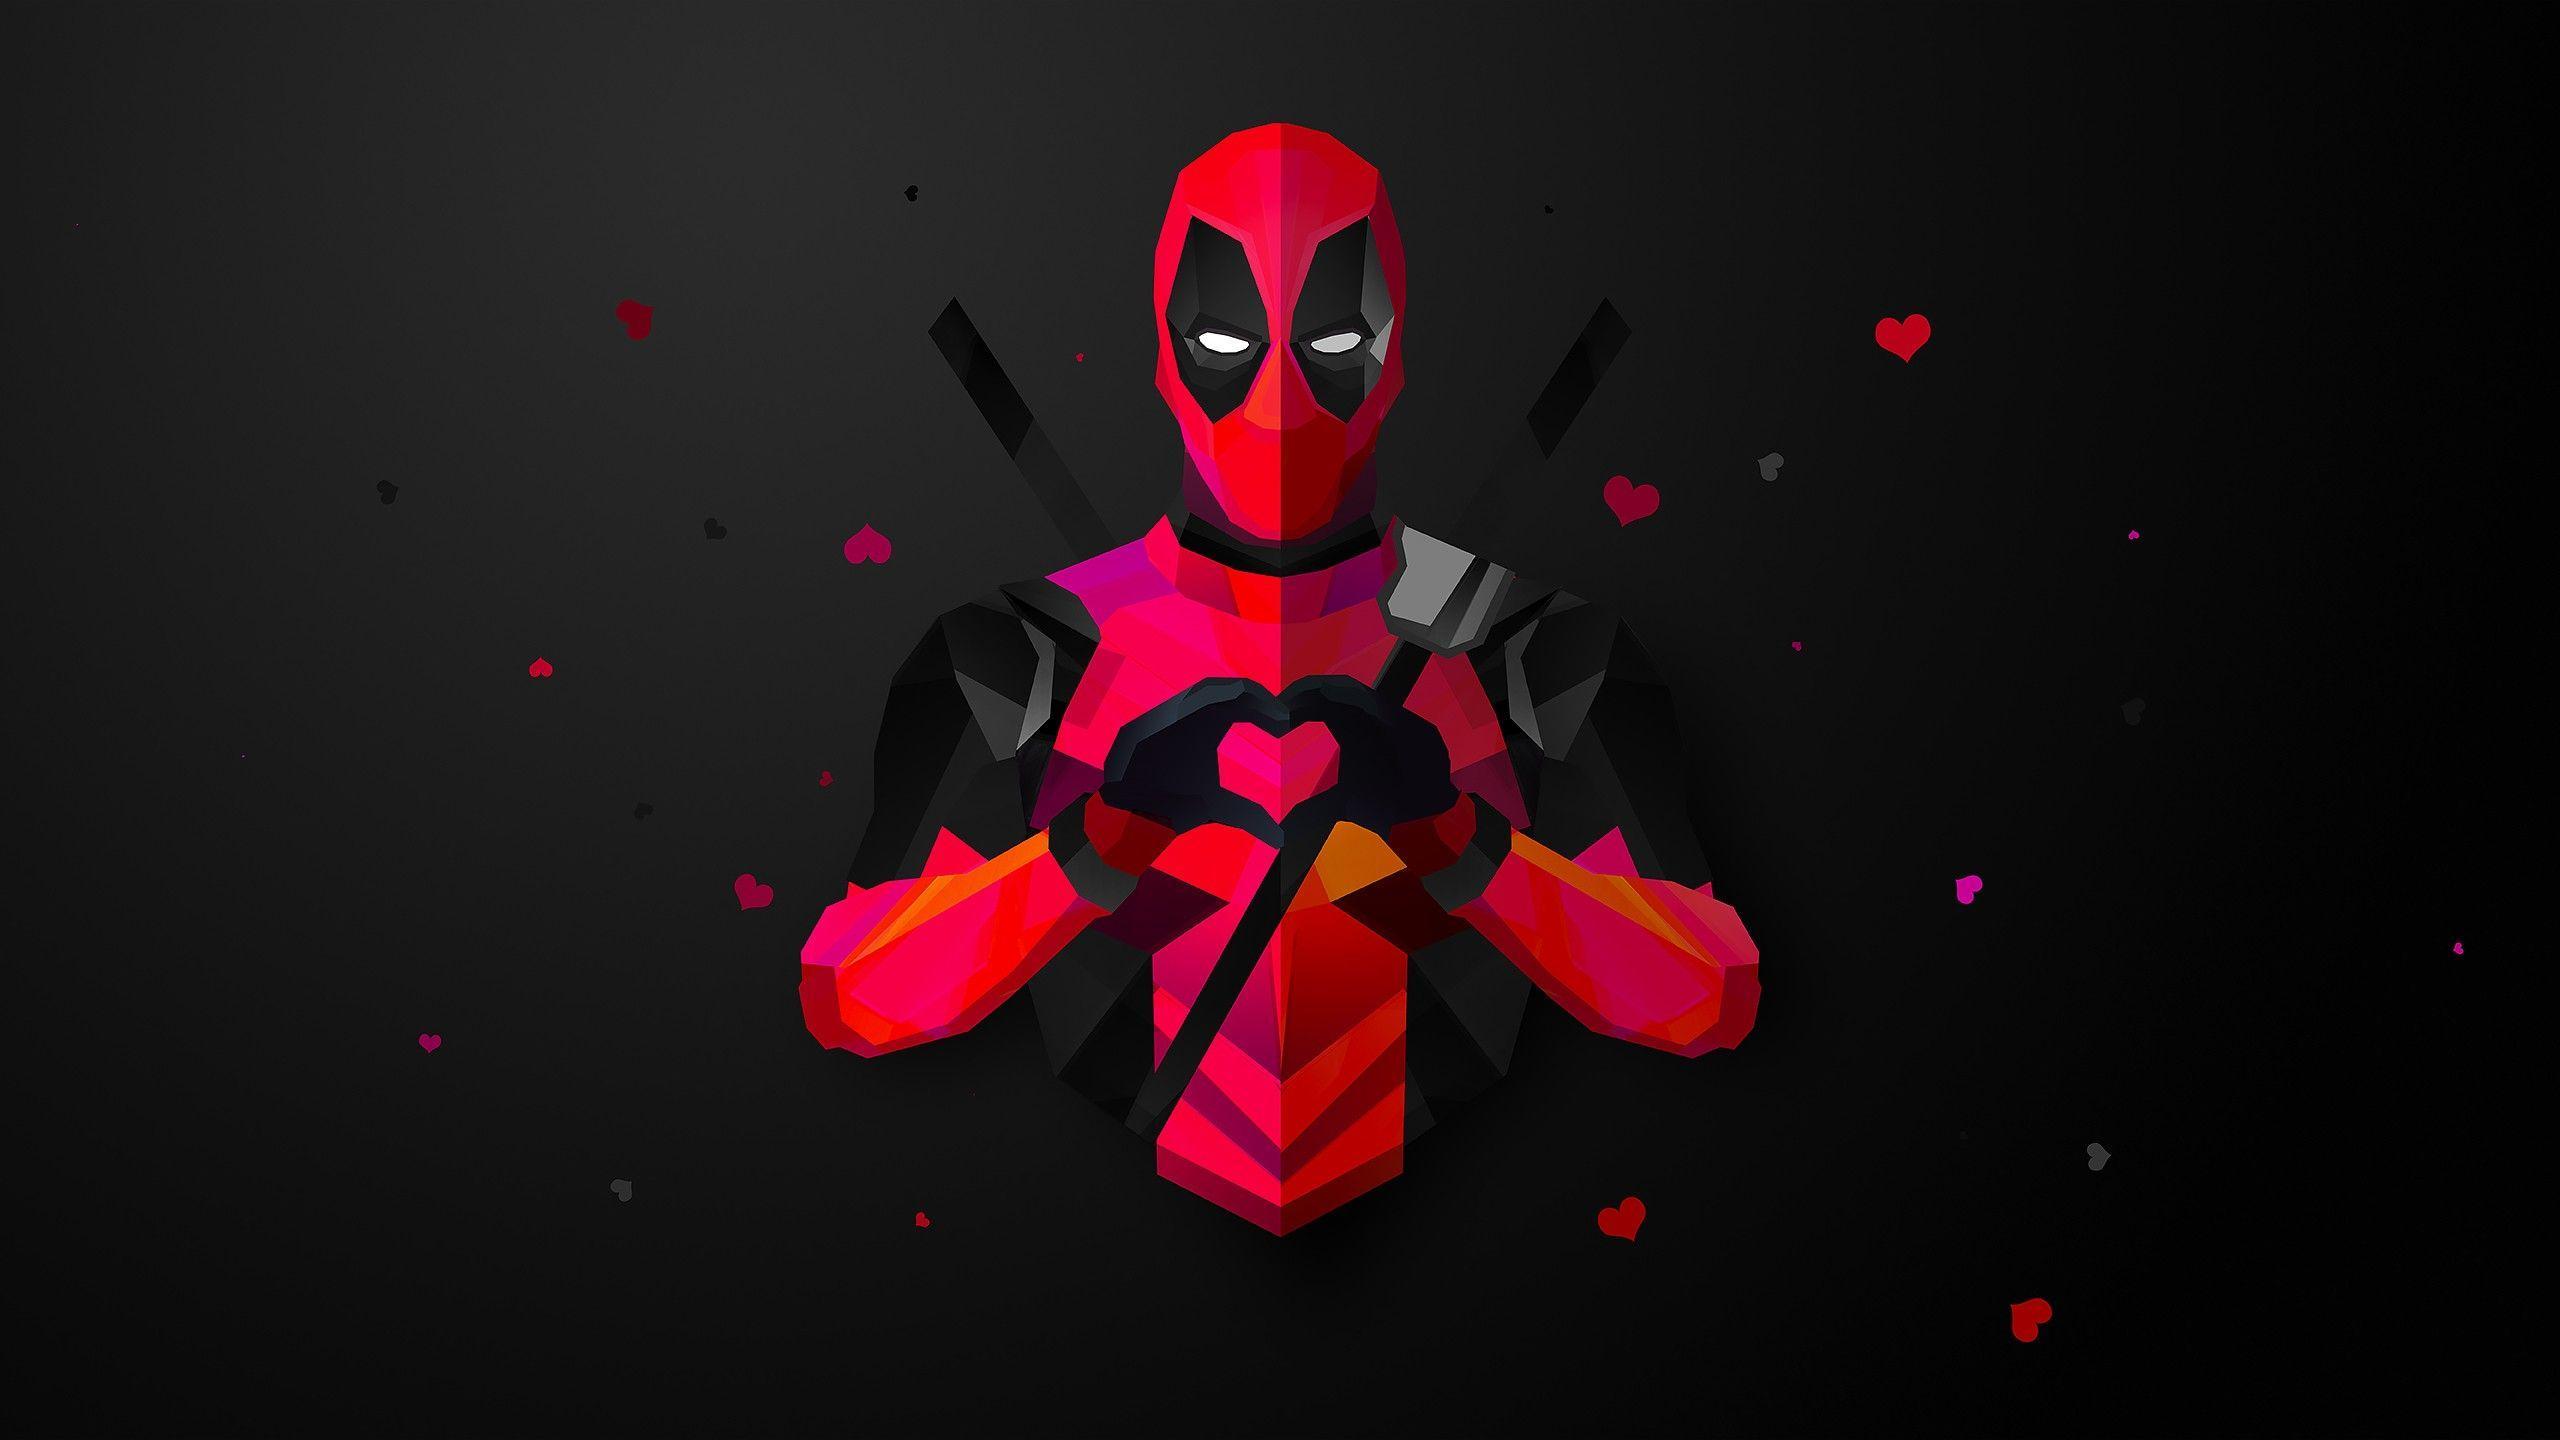 2880x2560 Movie Deadpool Wallpaper ID 622011